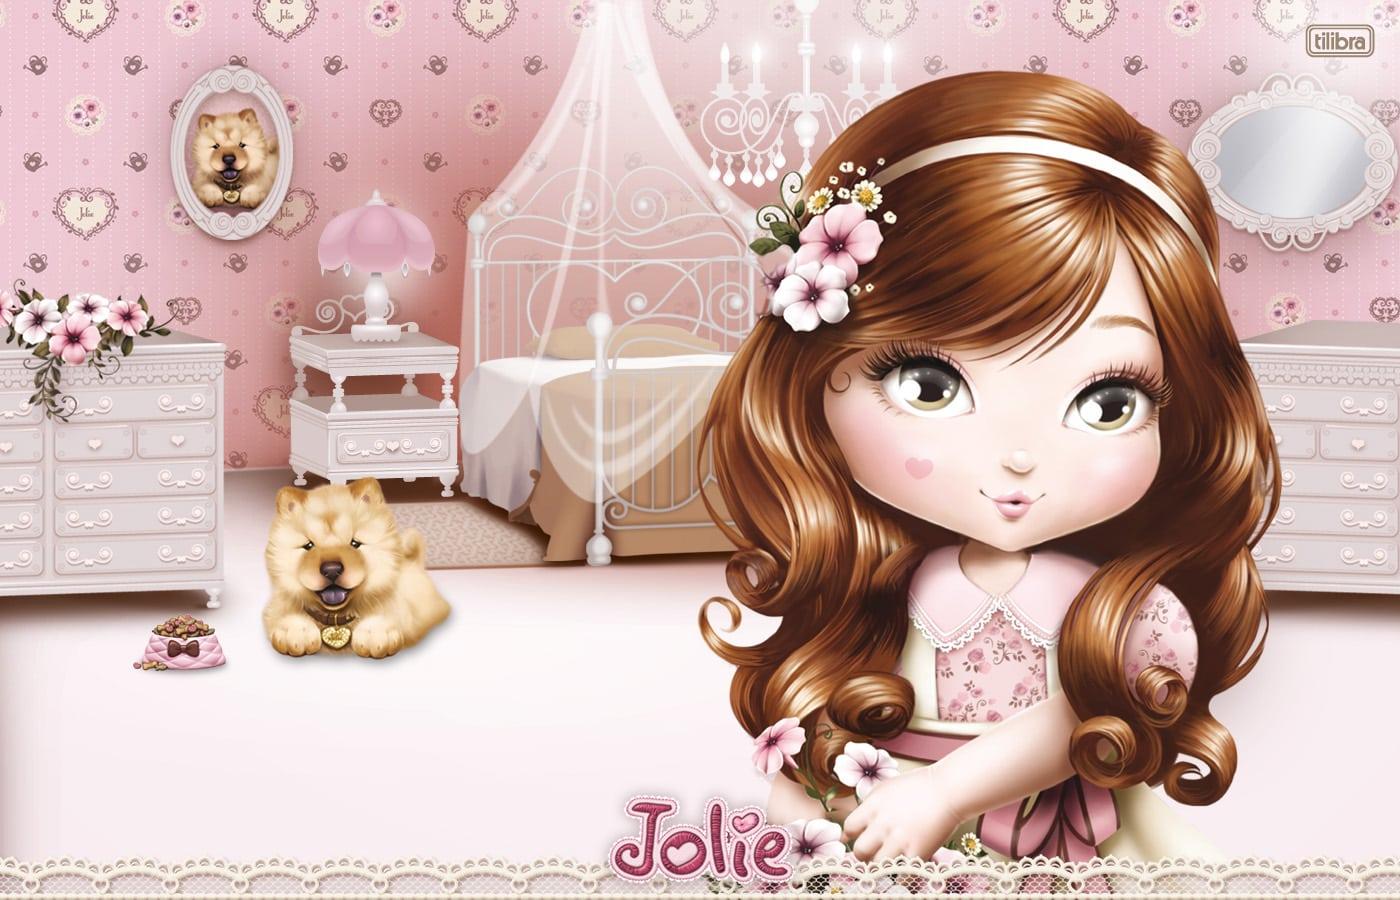 Inspiração  Jolie!